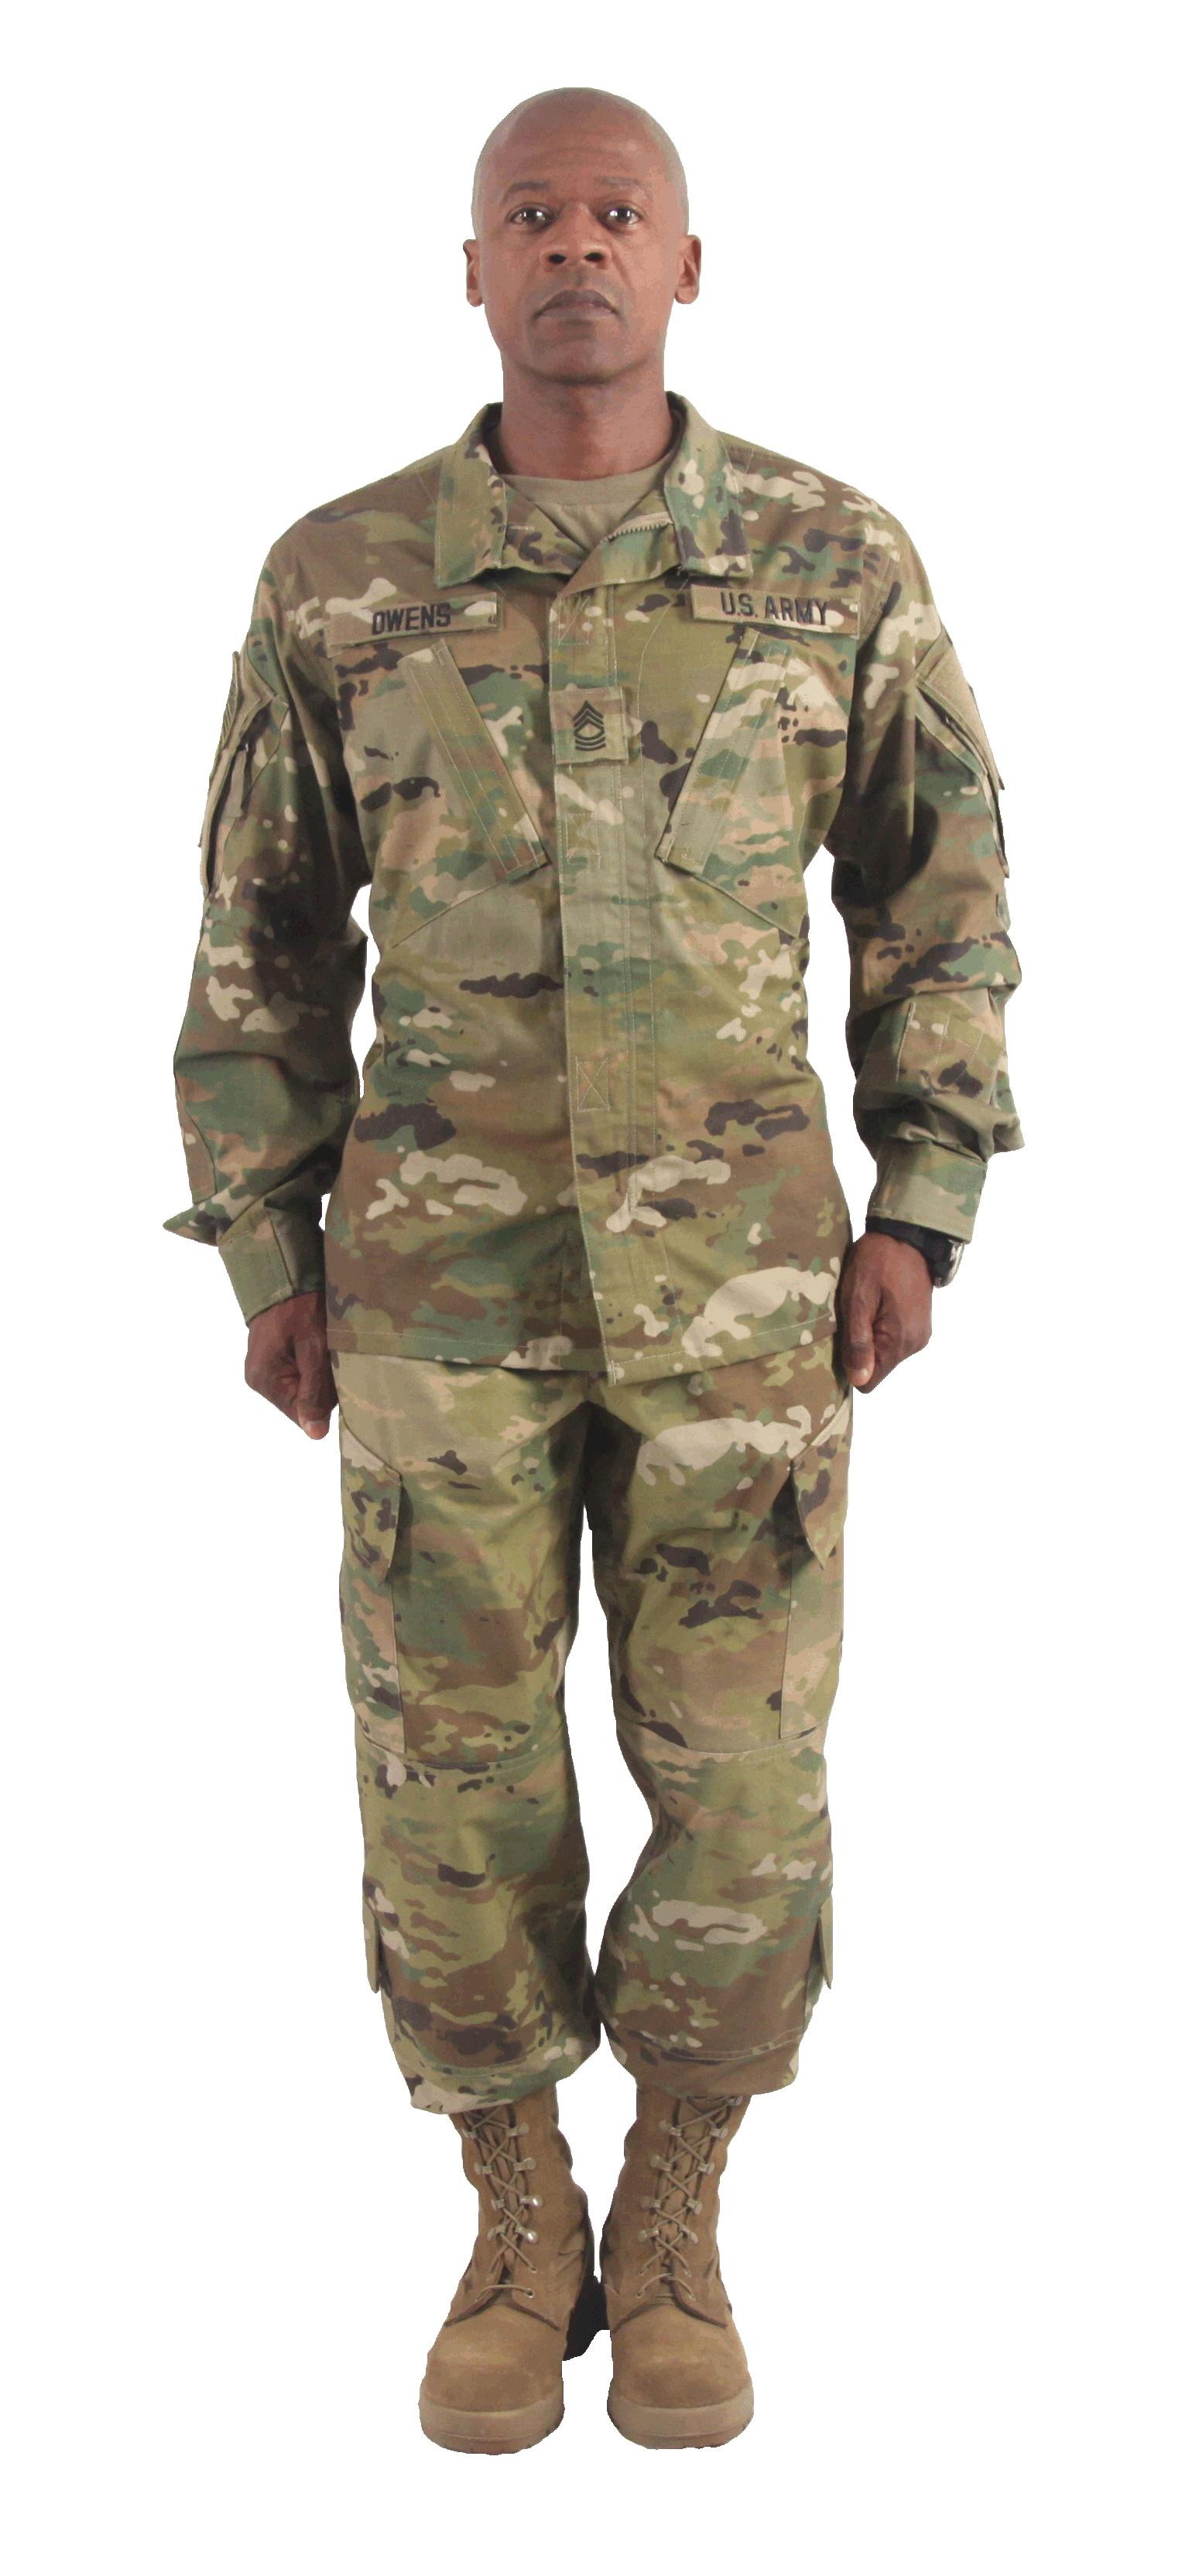 US ARMY DIGITAL ACU MILITARY UNIFORM AT THE ORIGINAL MADE